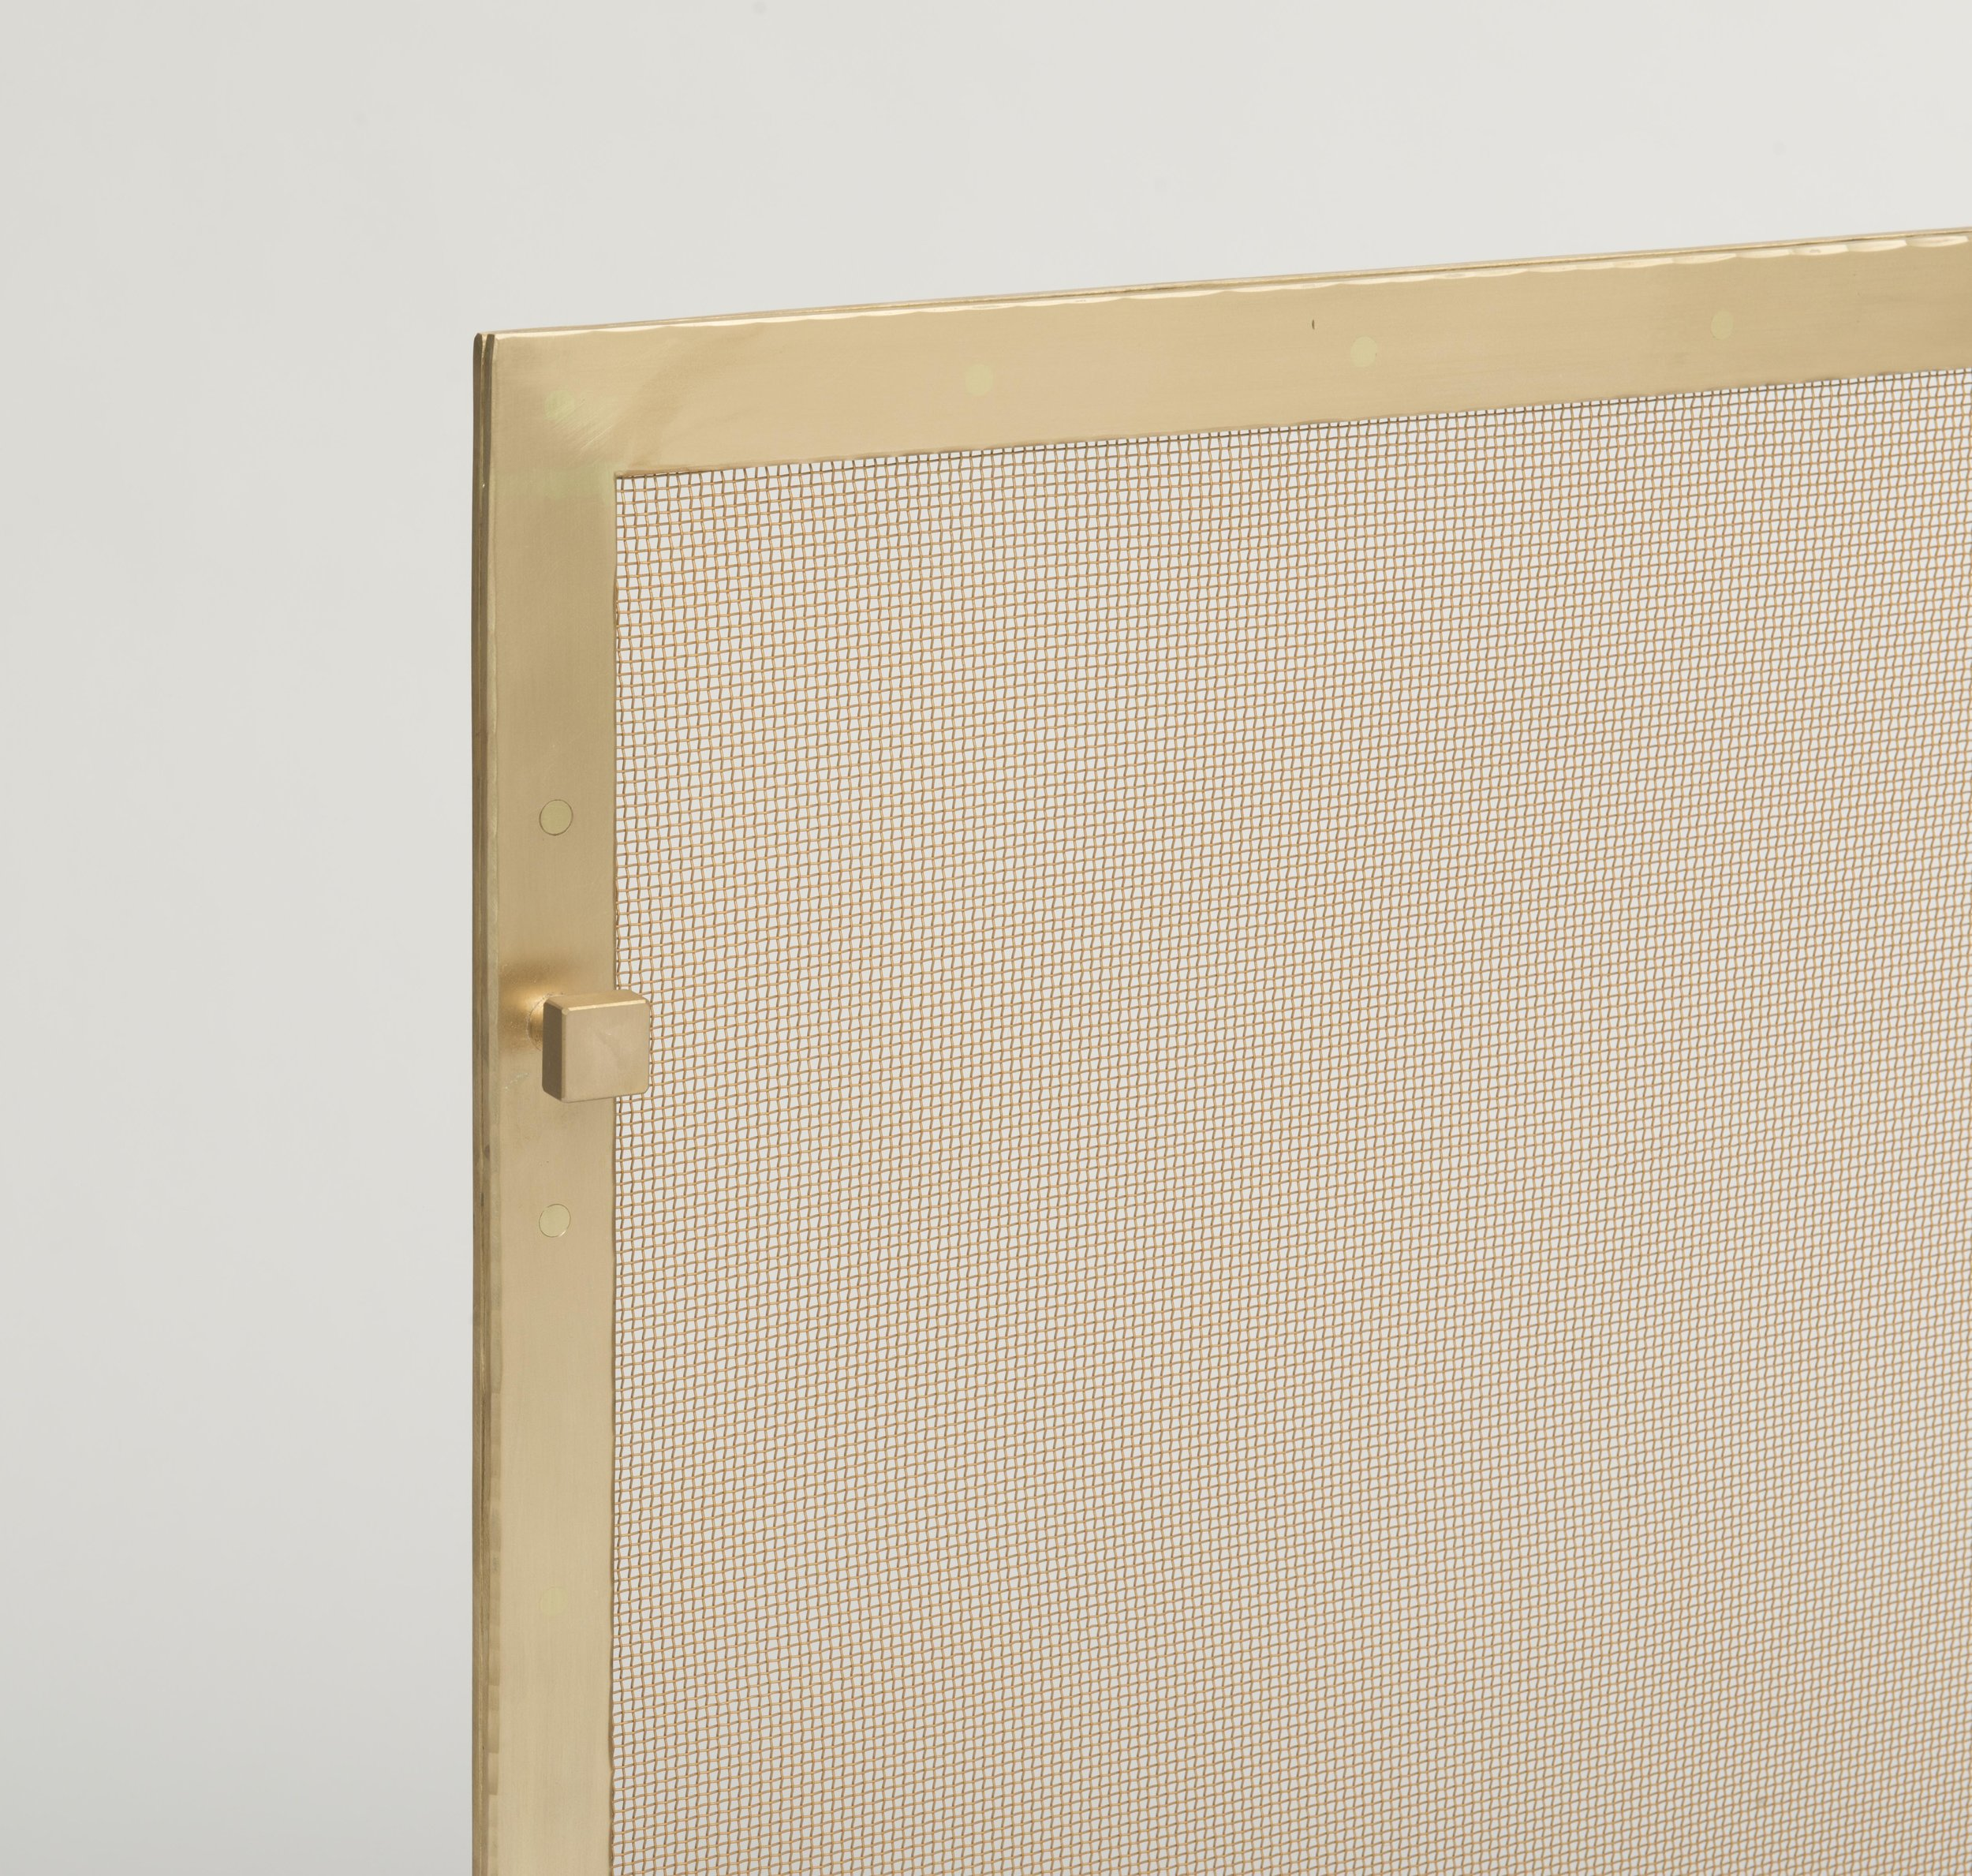 firescreen#1 matte bronze-detail.jpg